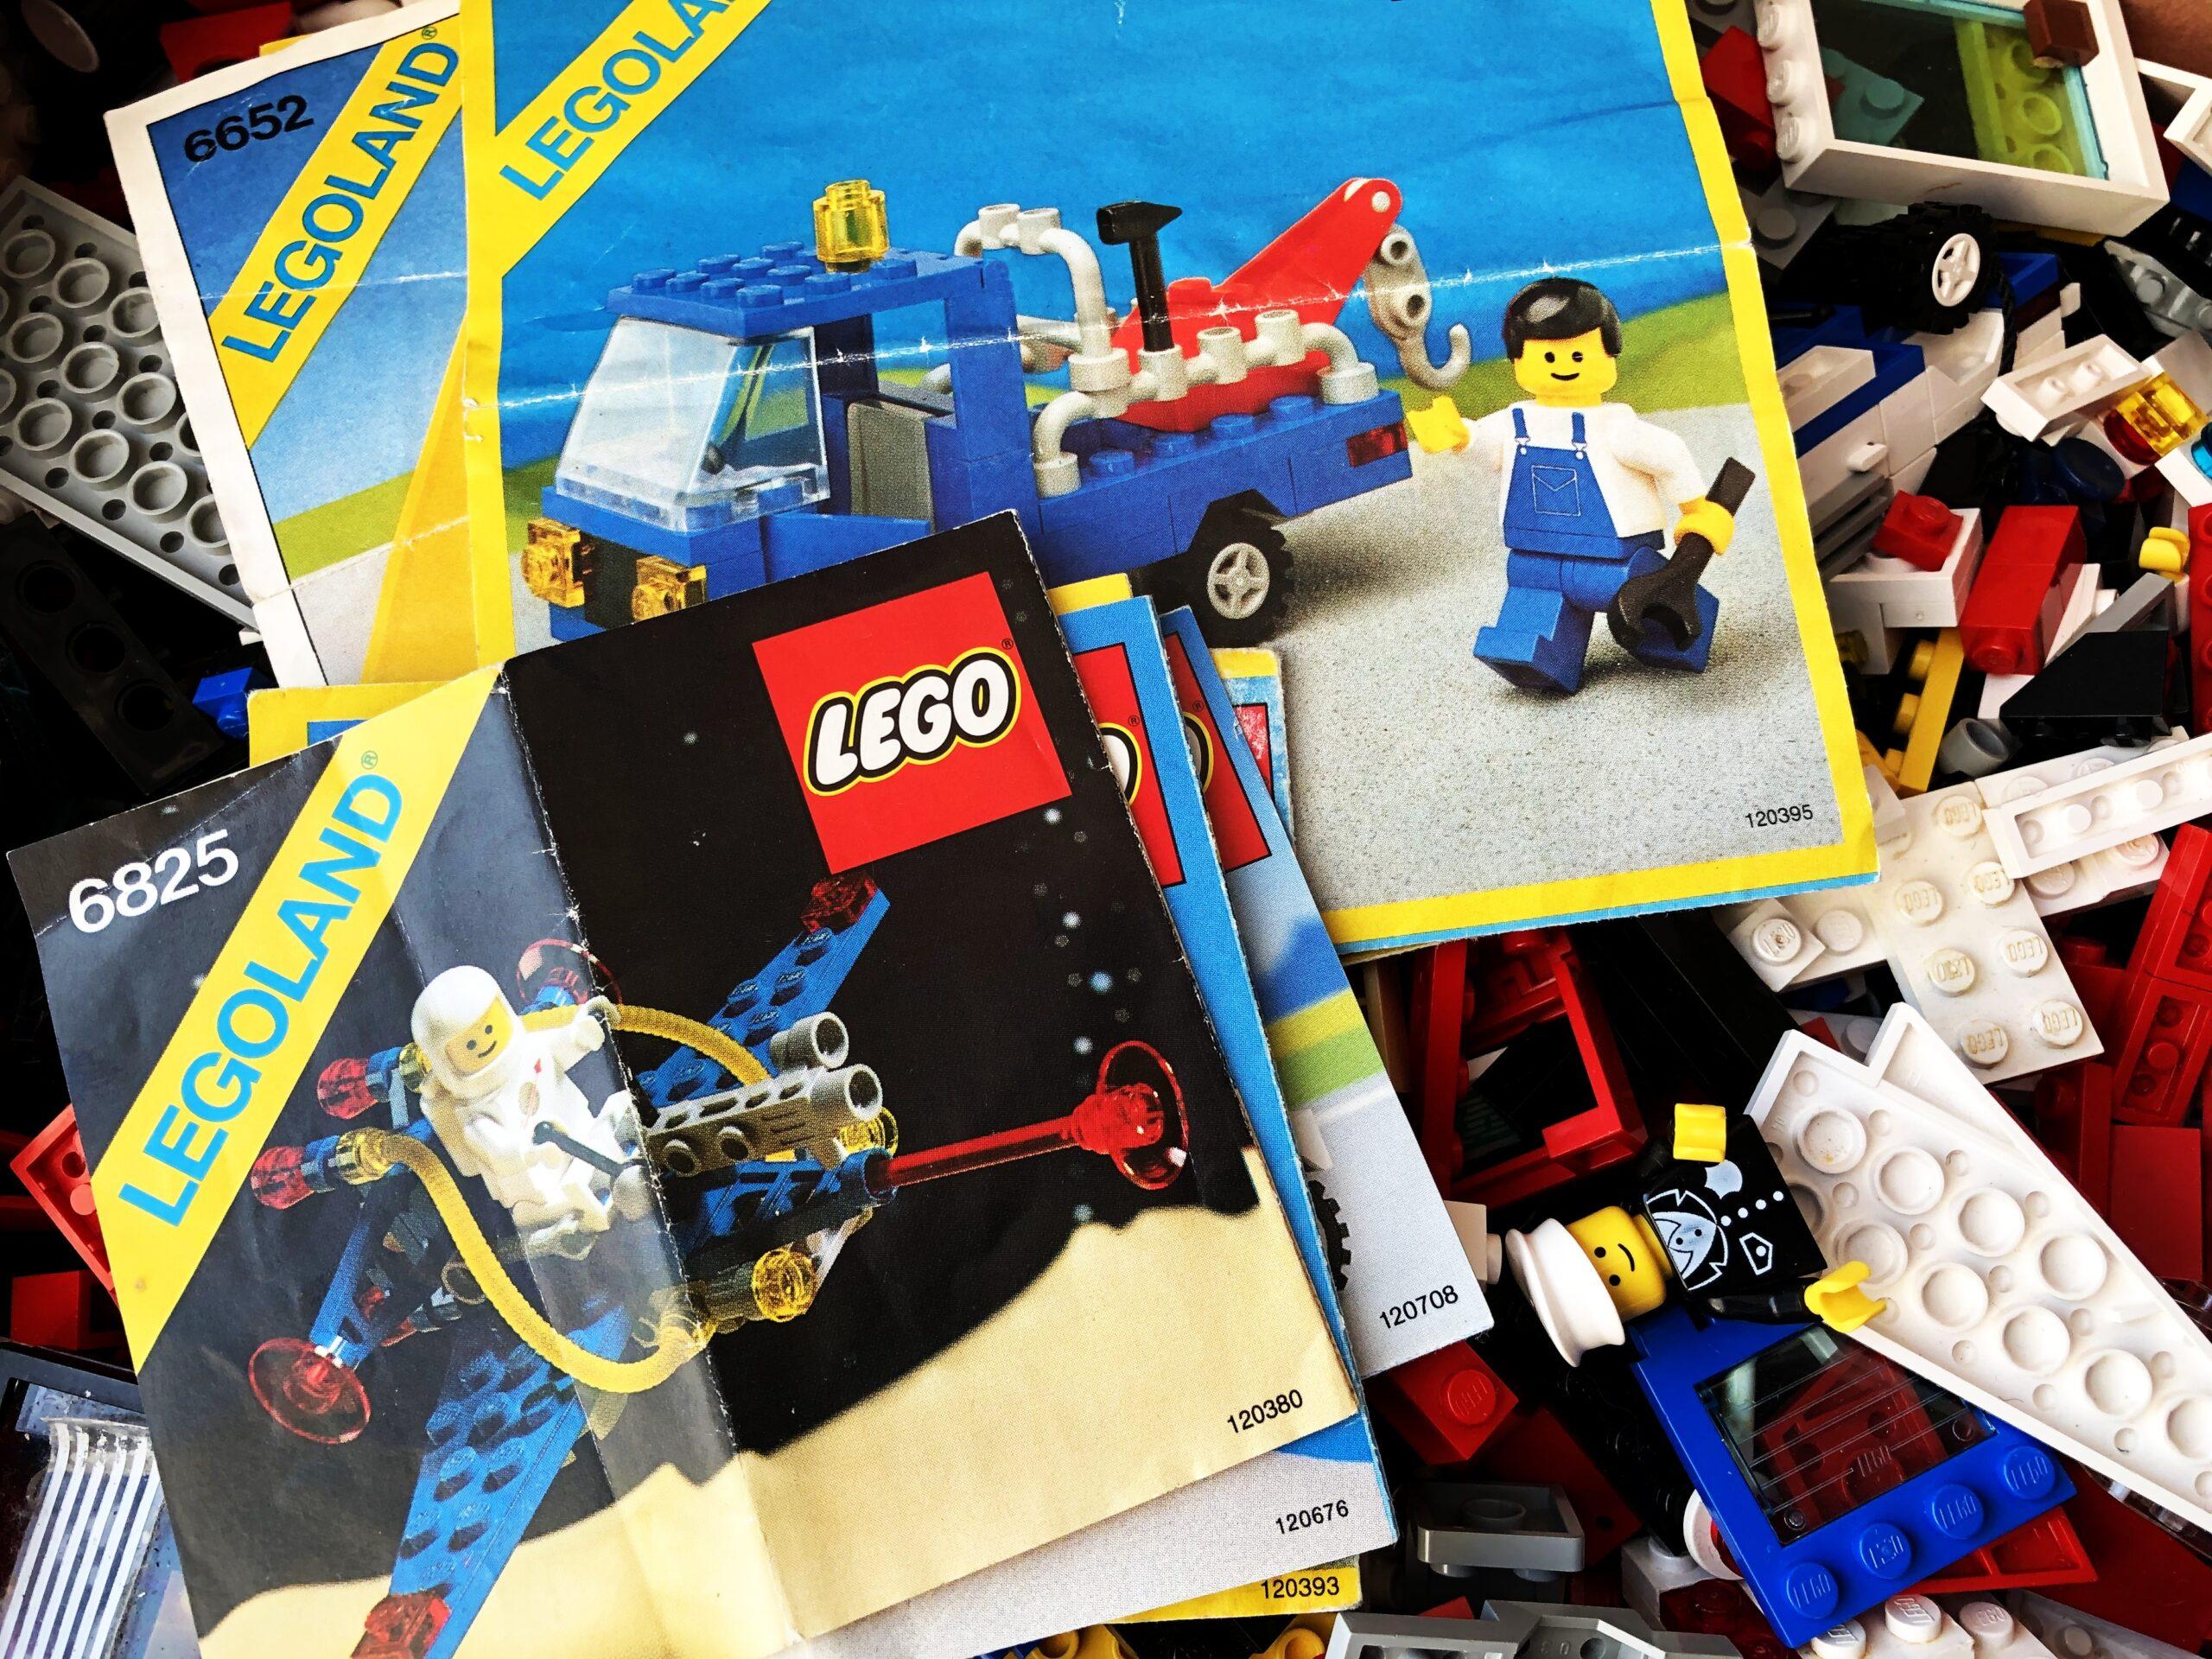 LEGO 6656 Reparatur- und Abschleppwagen und der 6825 F2-Flügelgleiter aus dem Jahr 1985